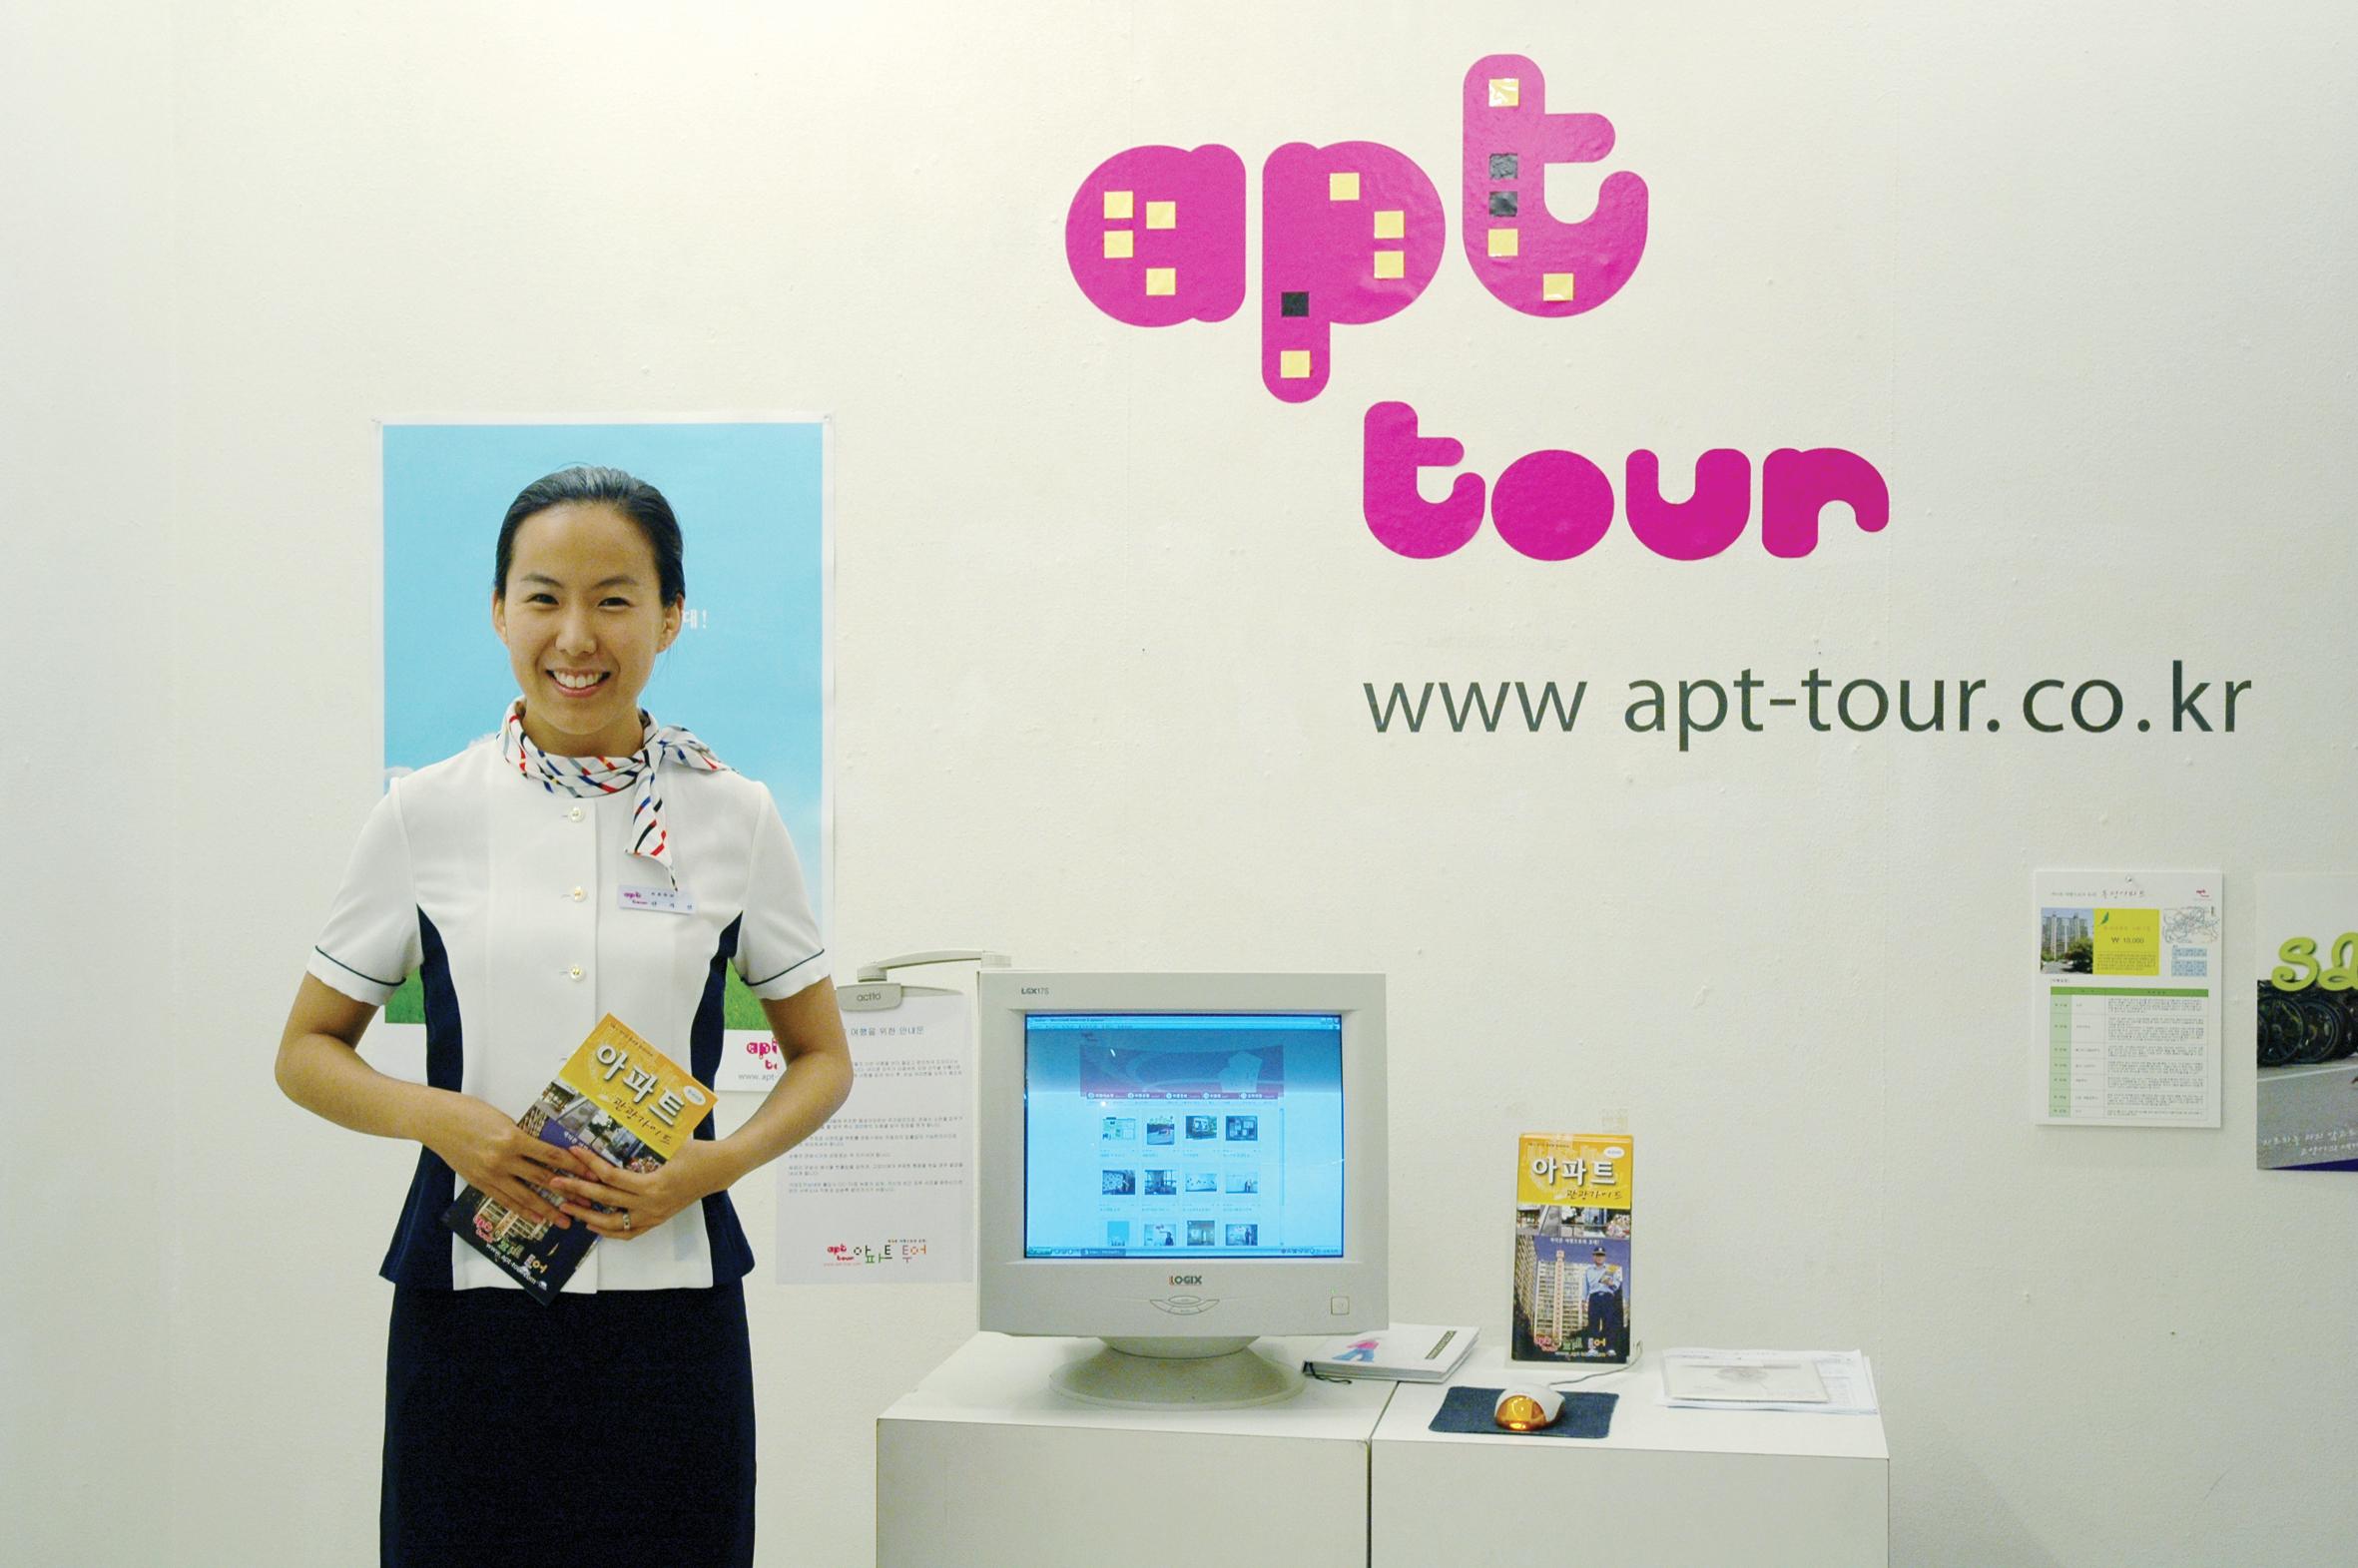 APT-tour